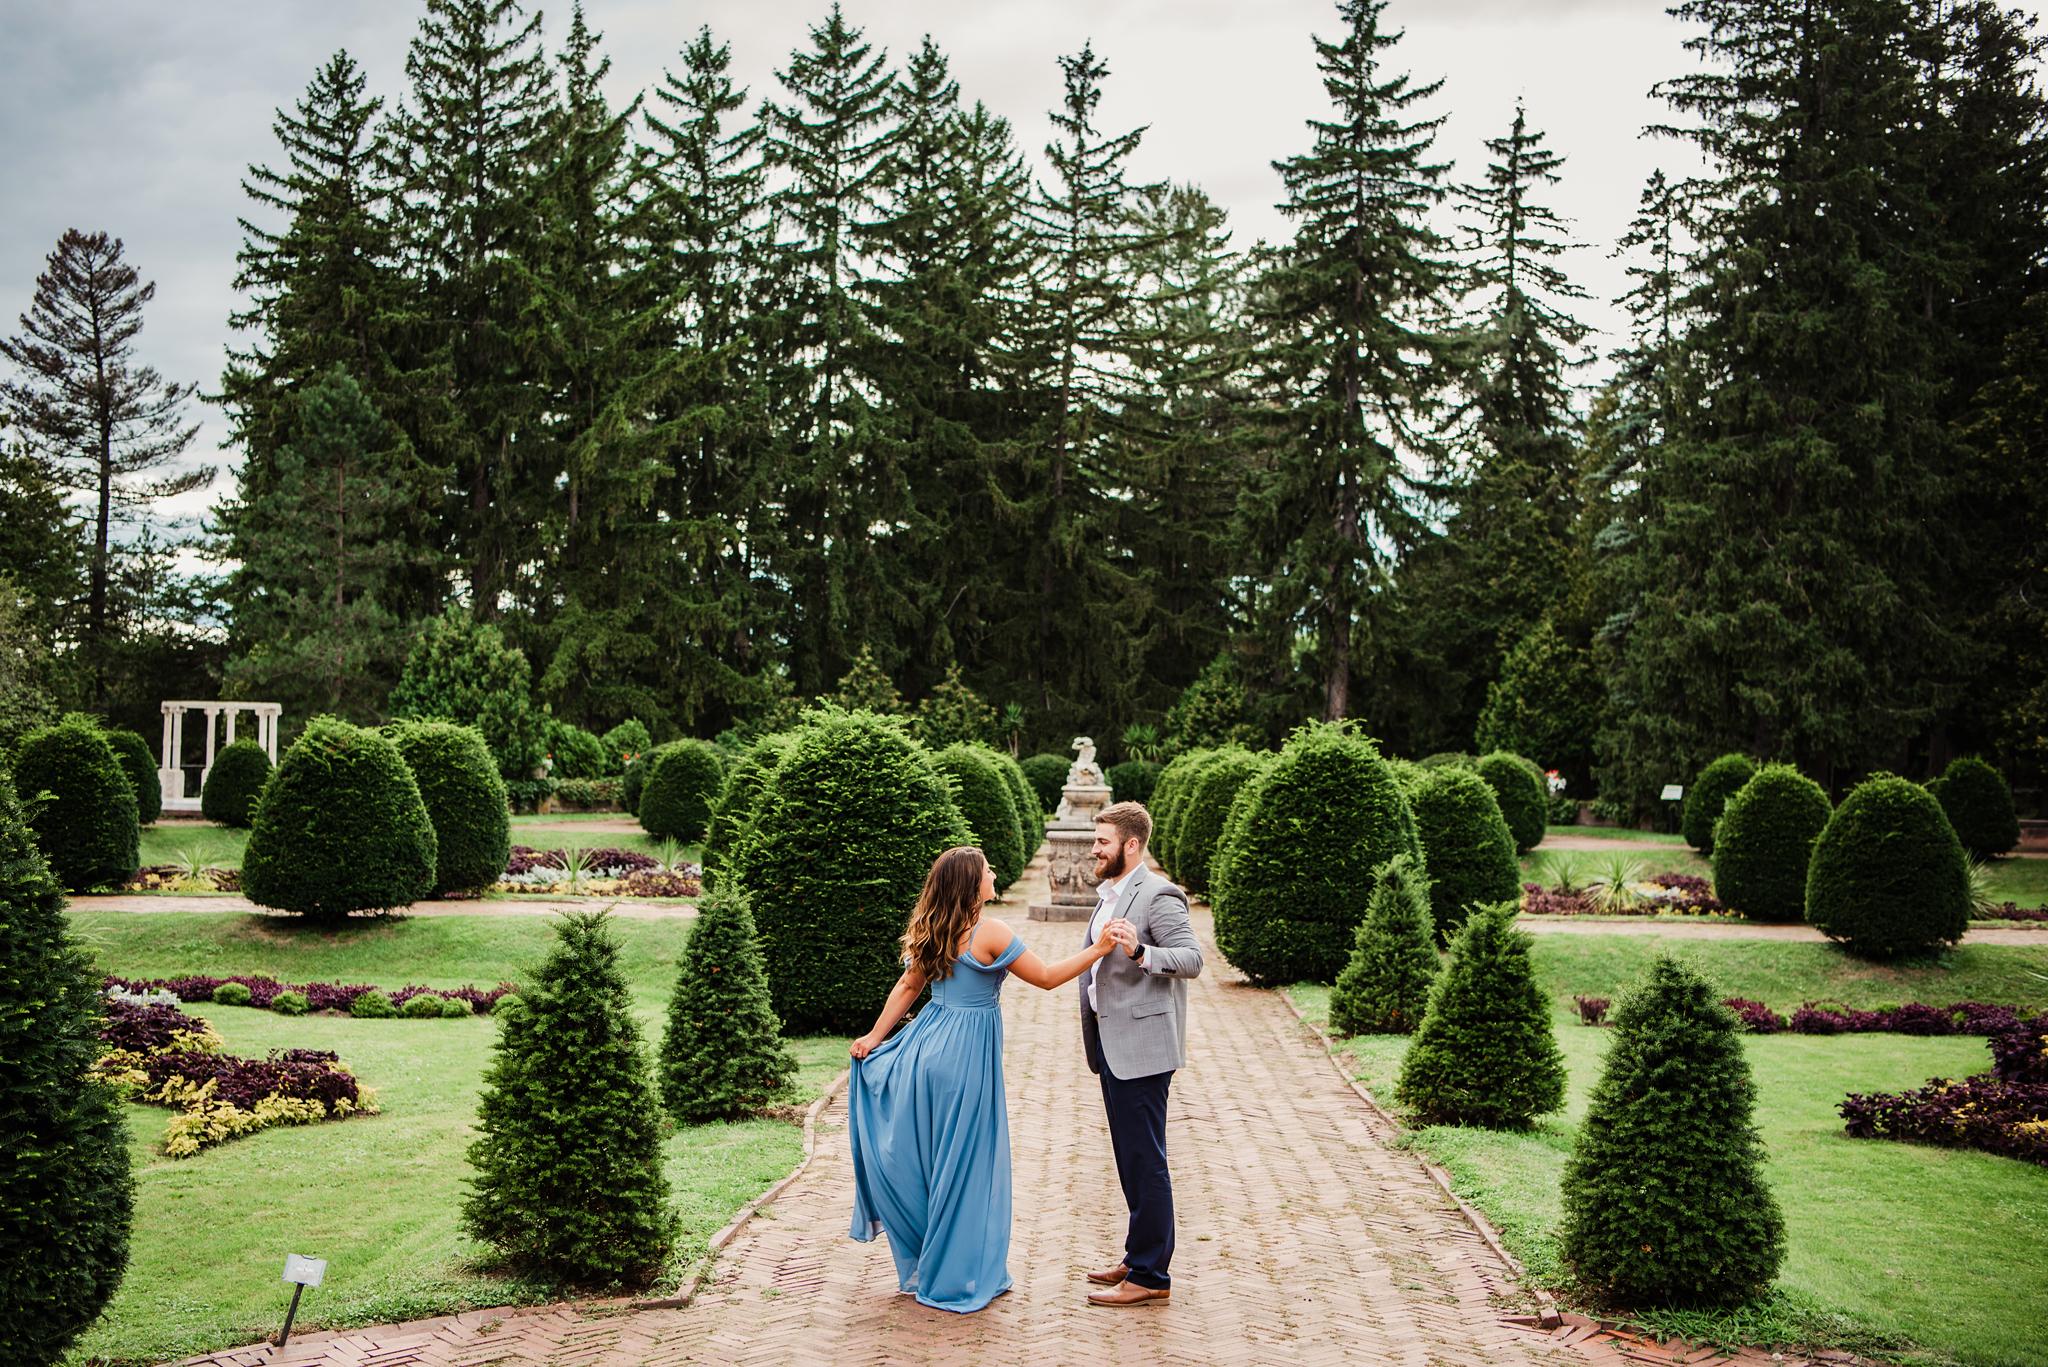 Sonnenberg_Gardens_Finger_Lakes_Engagement_Session_JILL_STUDIO_Rochester_NY_Photographer_DSC_1554.jpg